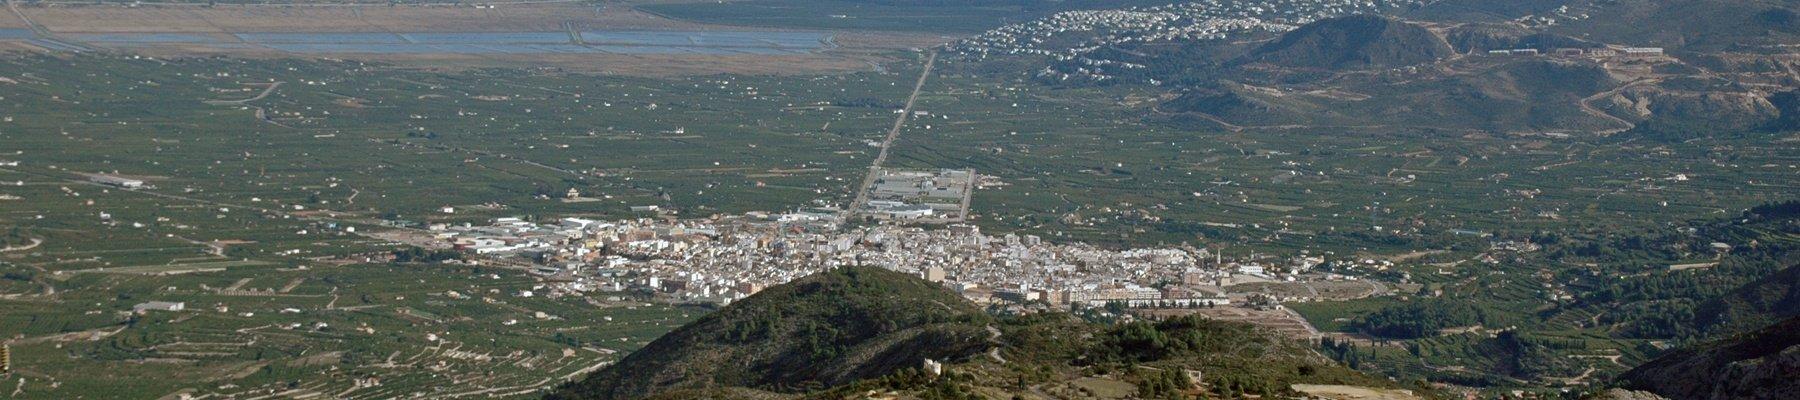 Información Socioeconómica y Laboral del Municipio de Pego